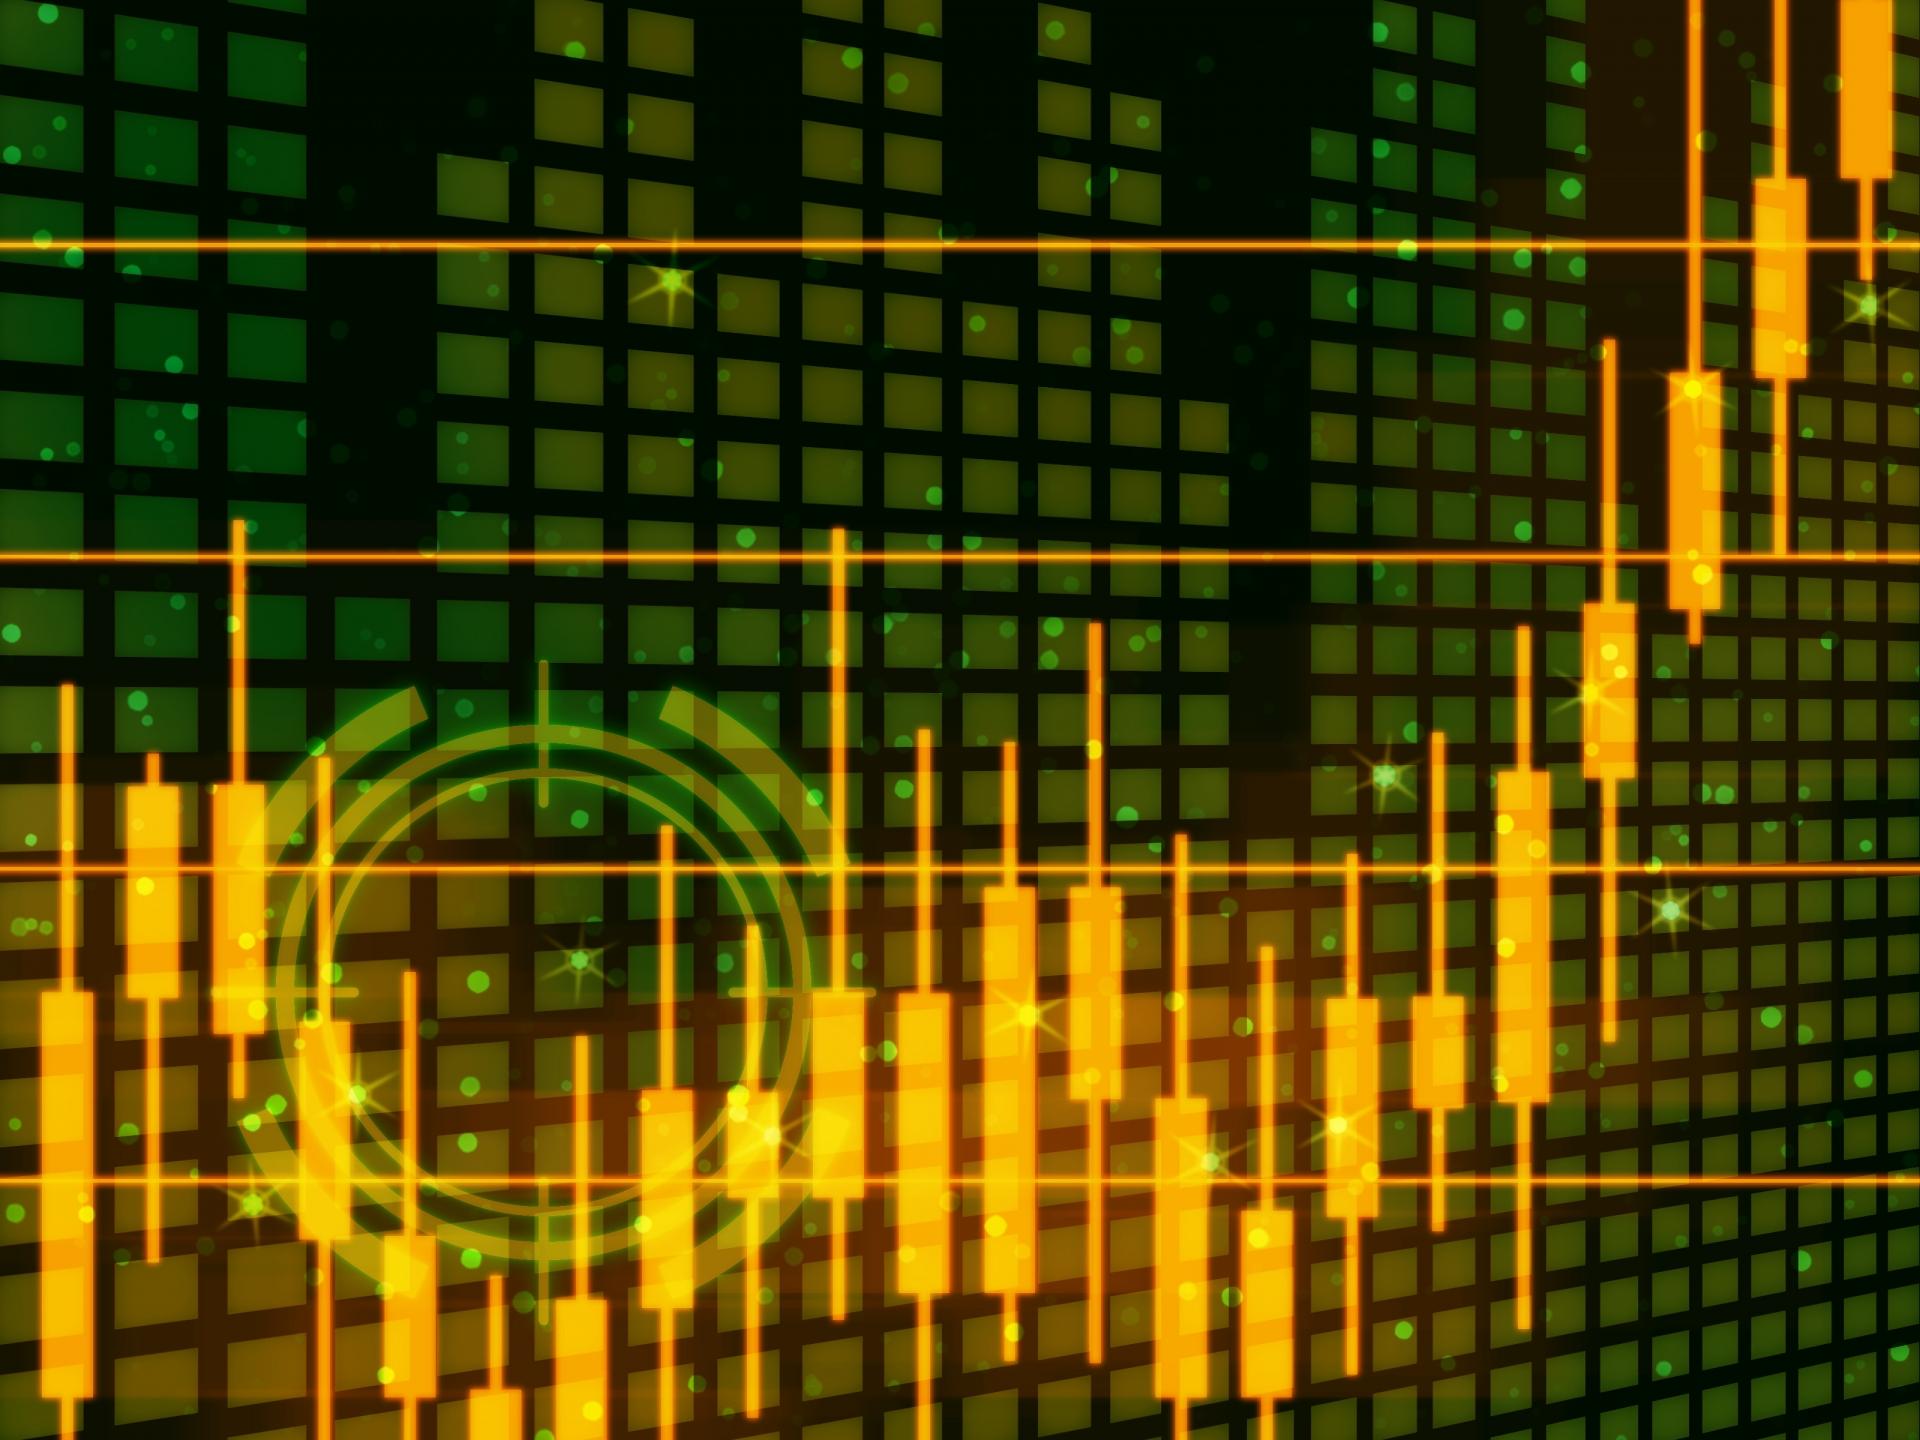 株から不動産投資に変更